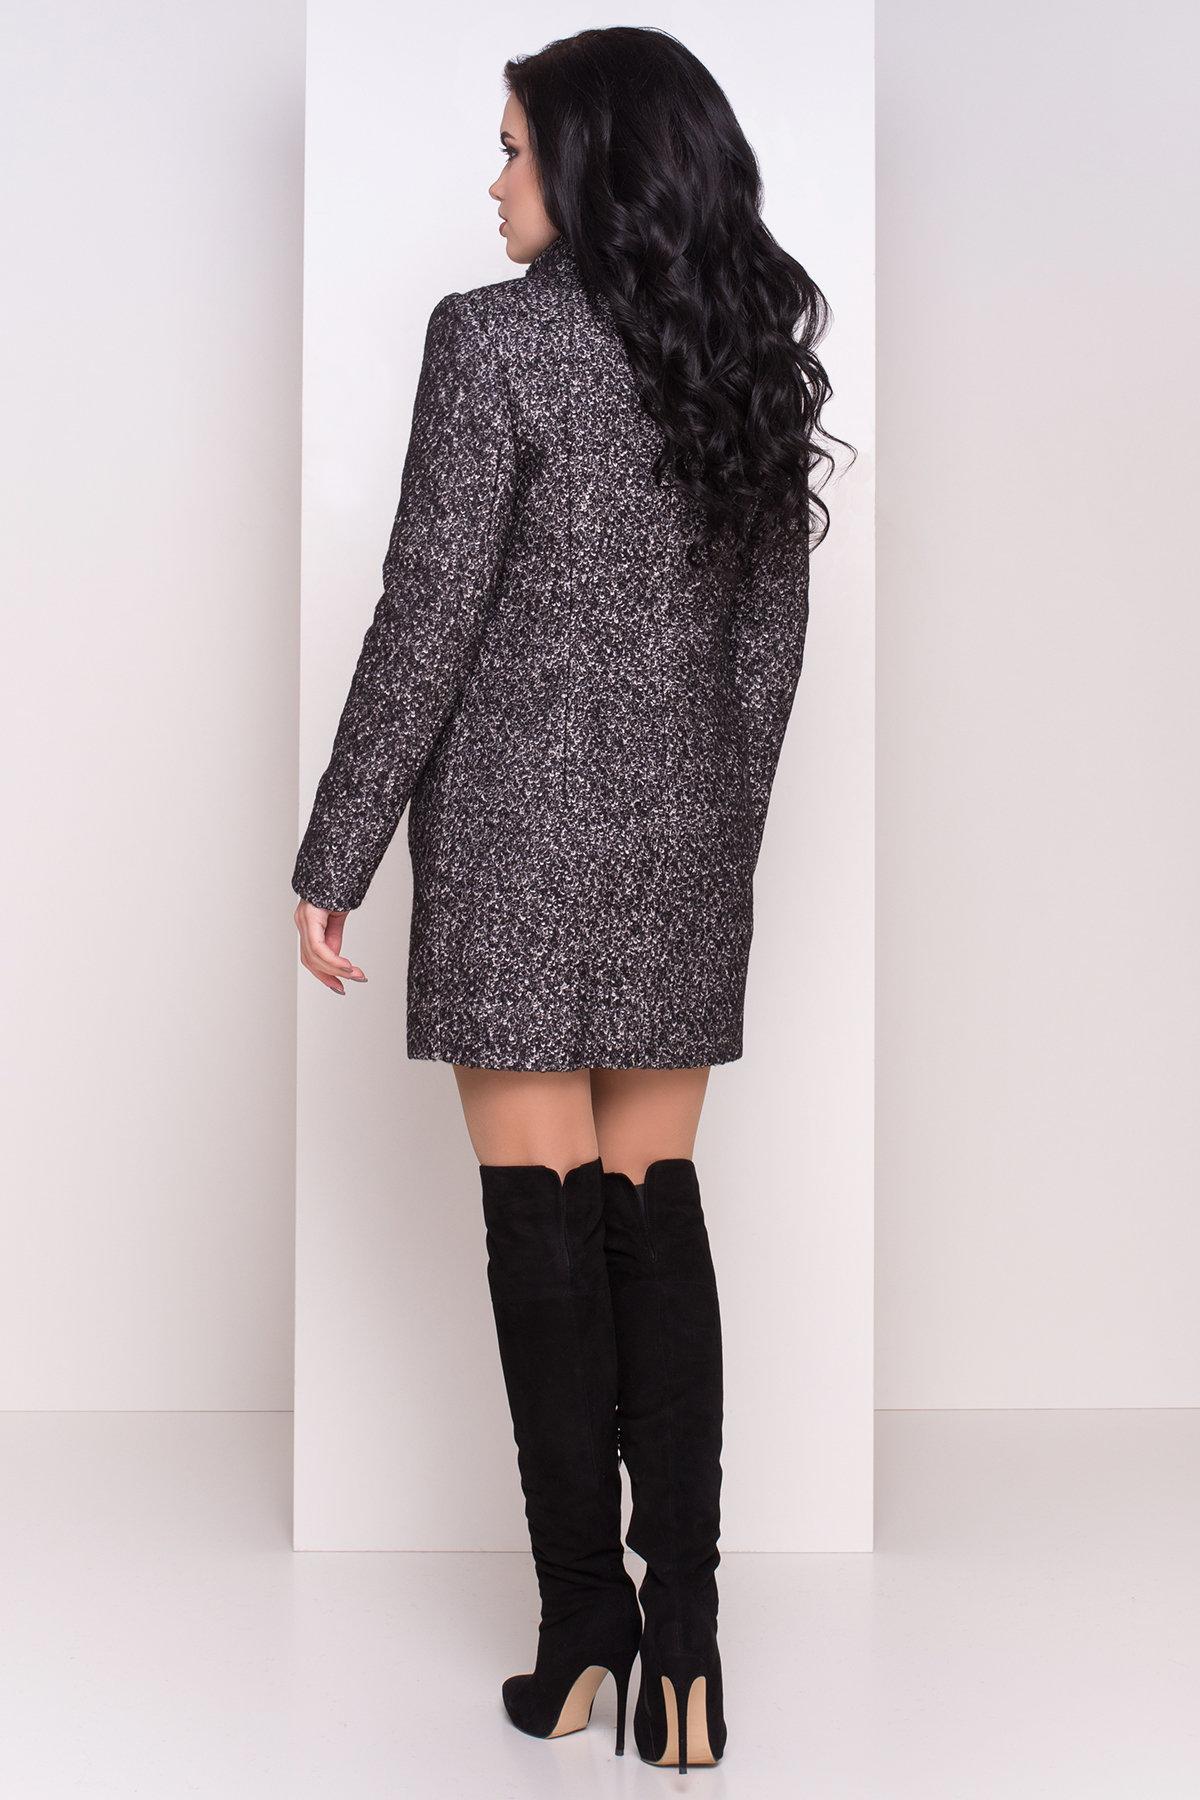 Зимнее пальто шерсть-букле Сан-Ремо 0939 АРТ. 8300 Цвет: Черный / серый 6 - фото 3, интернет магазин tm-modus.ru